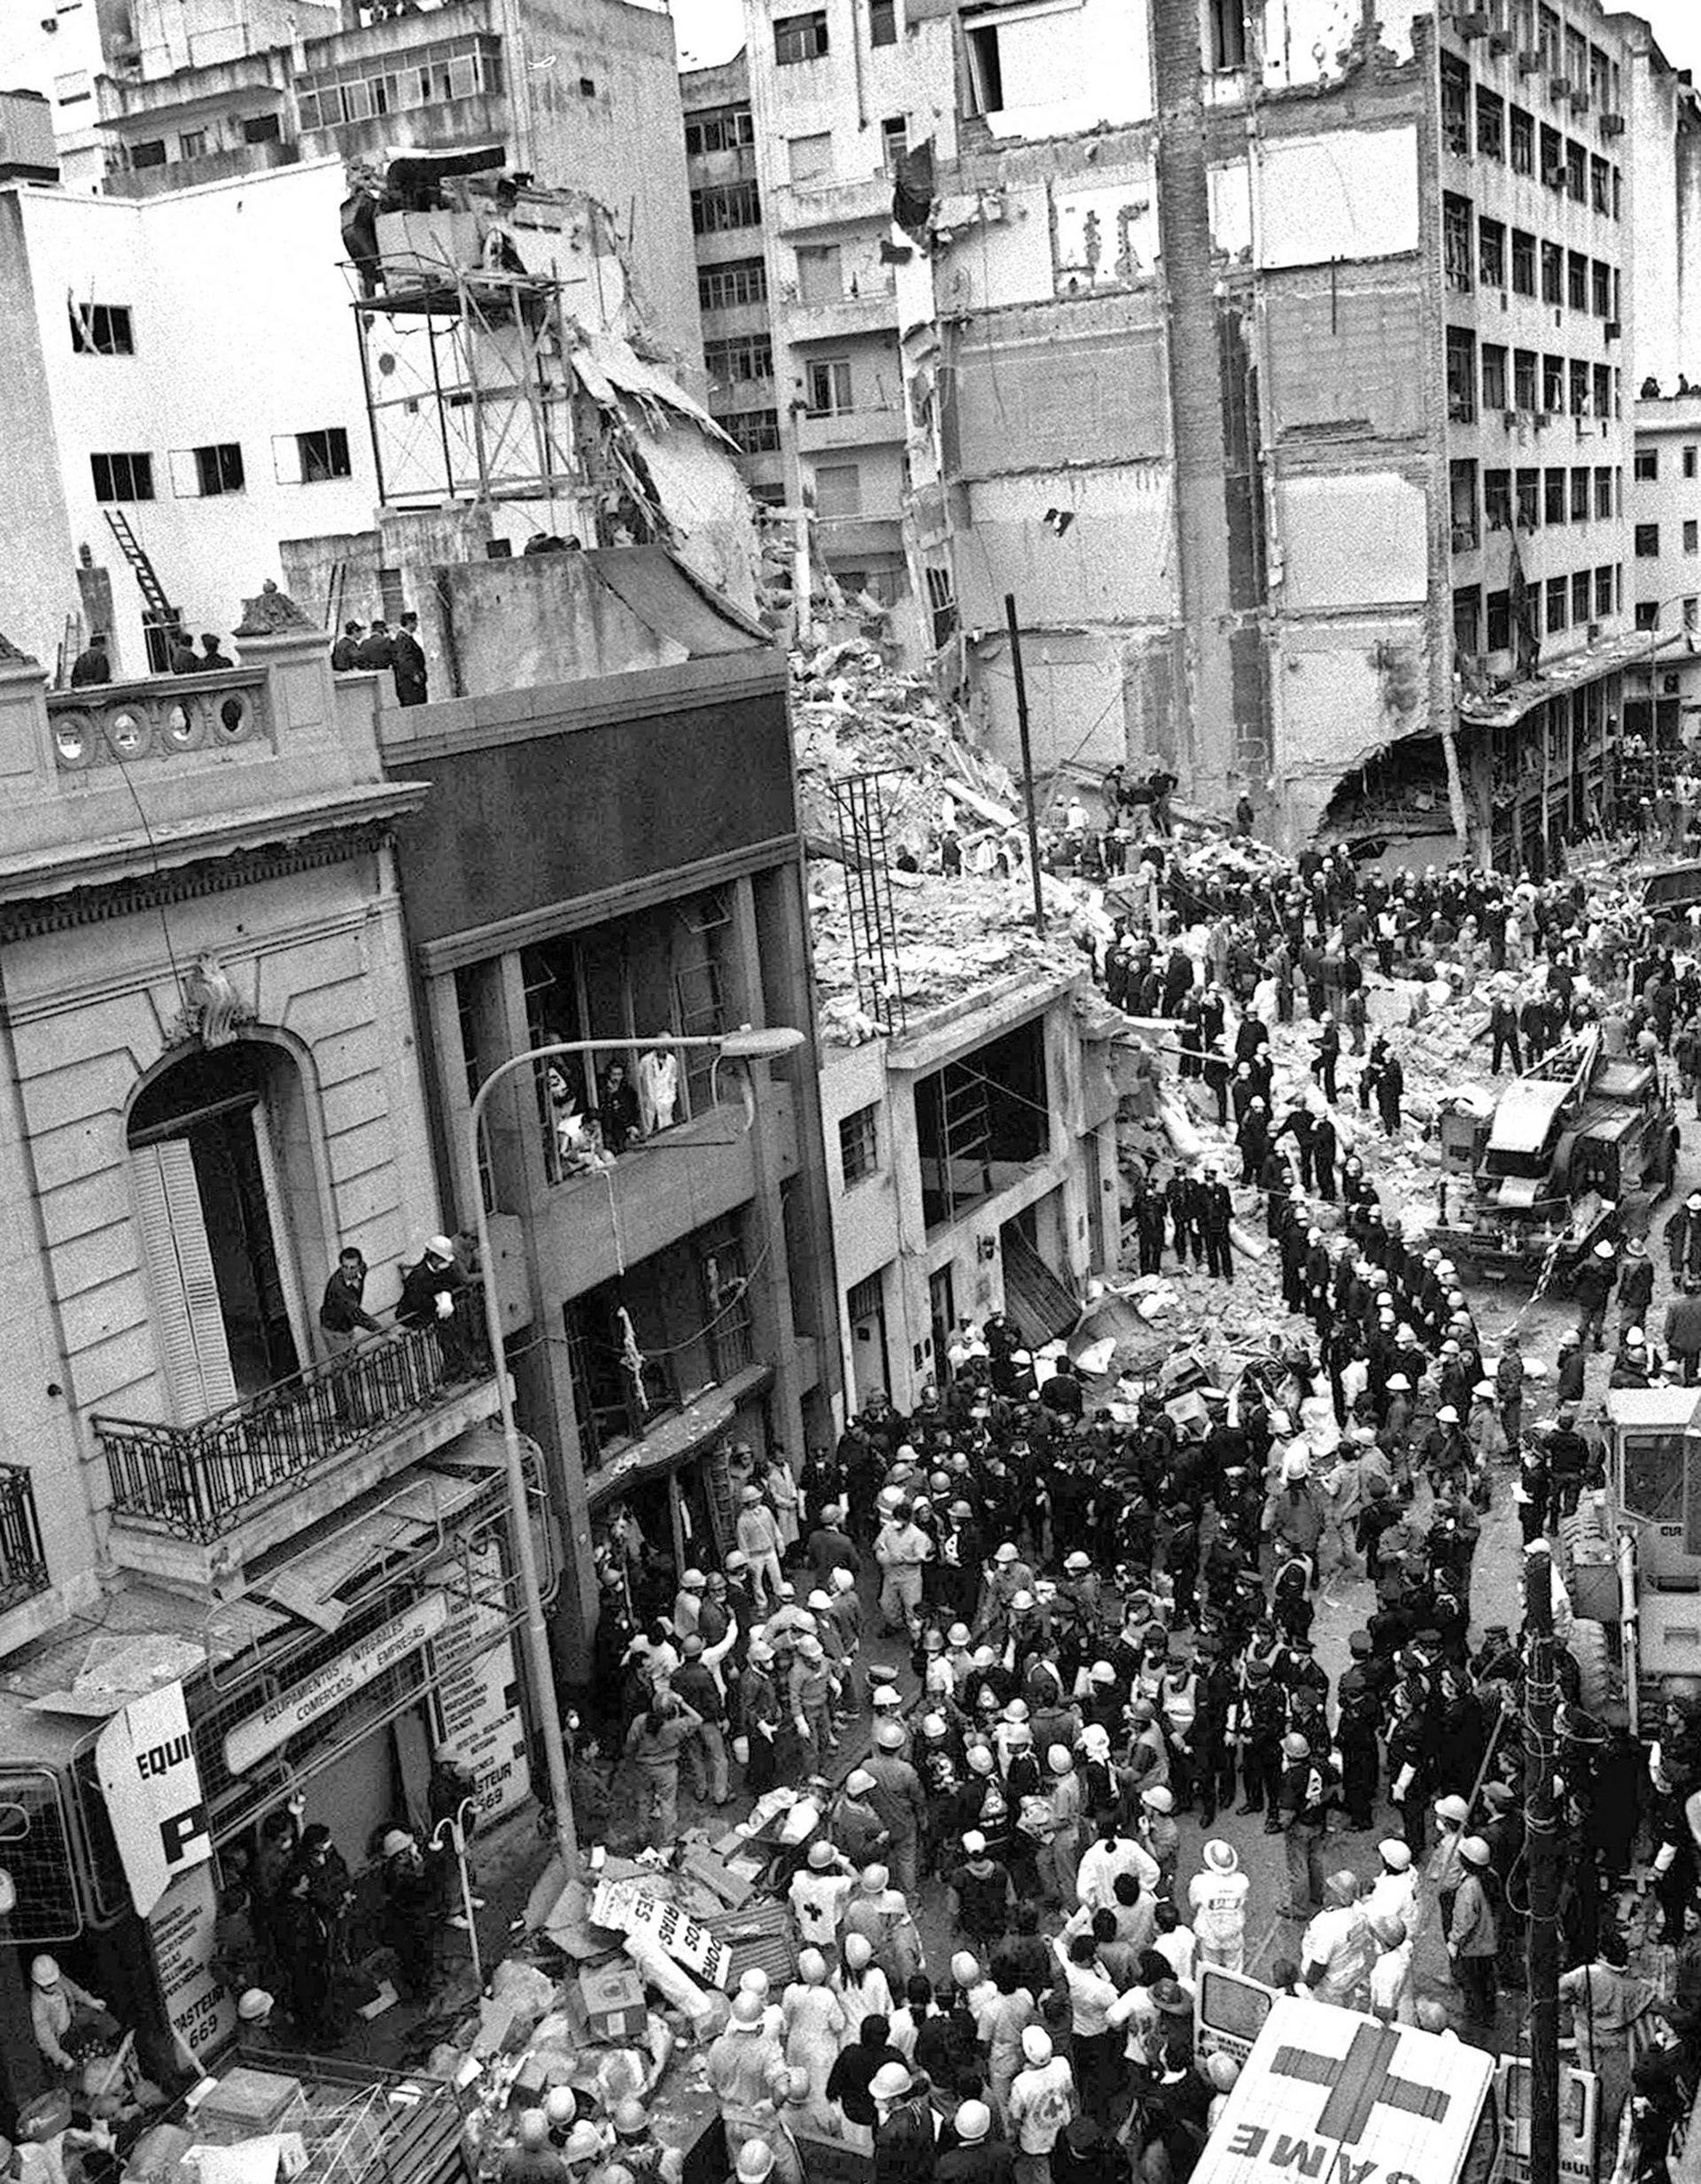 Durante su primer mandato, Argentina sufrió dos atentados terroristas: el primero fue contra la Embajada de Israel en 1992 y el segundo contra la AMIA dos años después. Menem fue imputado por el encubrimiento de este último y en febrero de este año resultó absuelto. No así su jefe de Inteligencia, Hugo Anzorregui. ( ALI BURAFI / AFP).